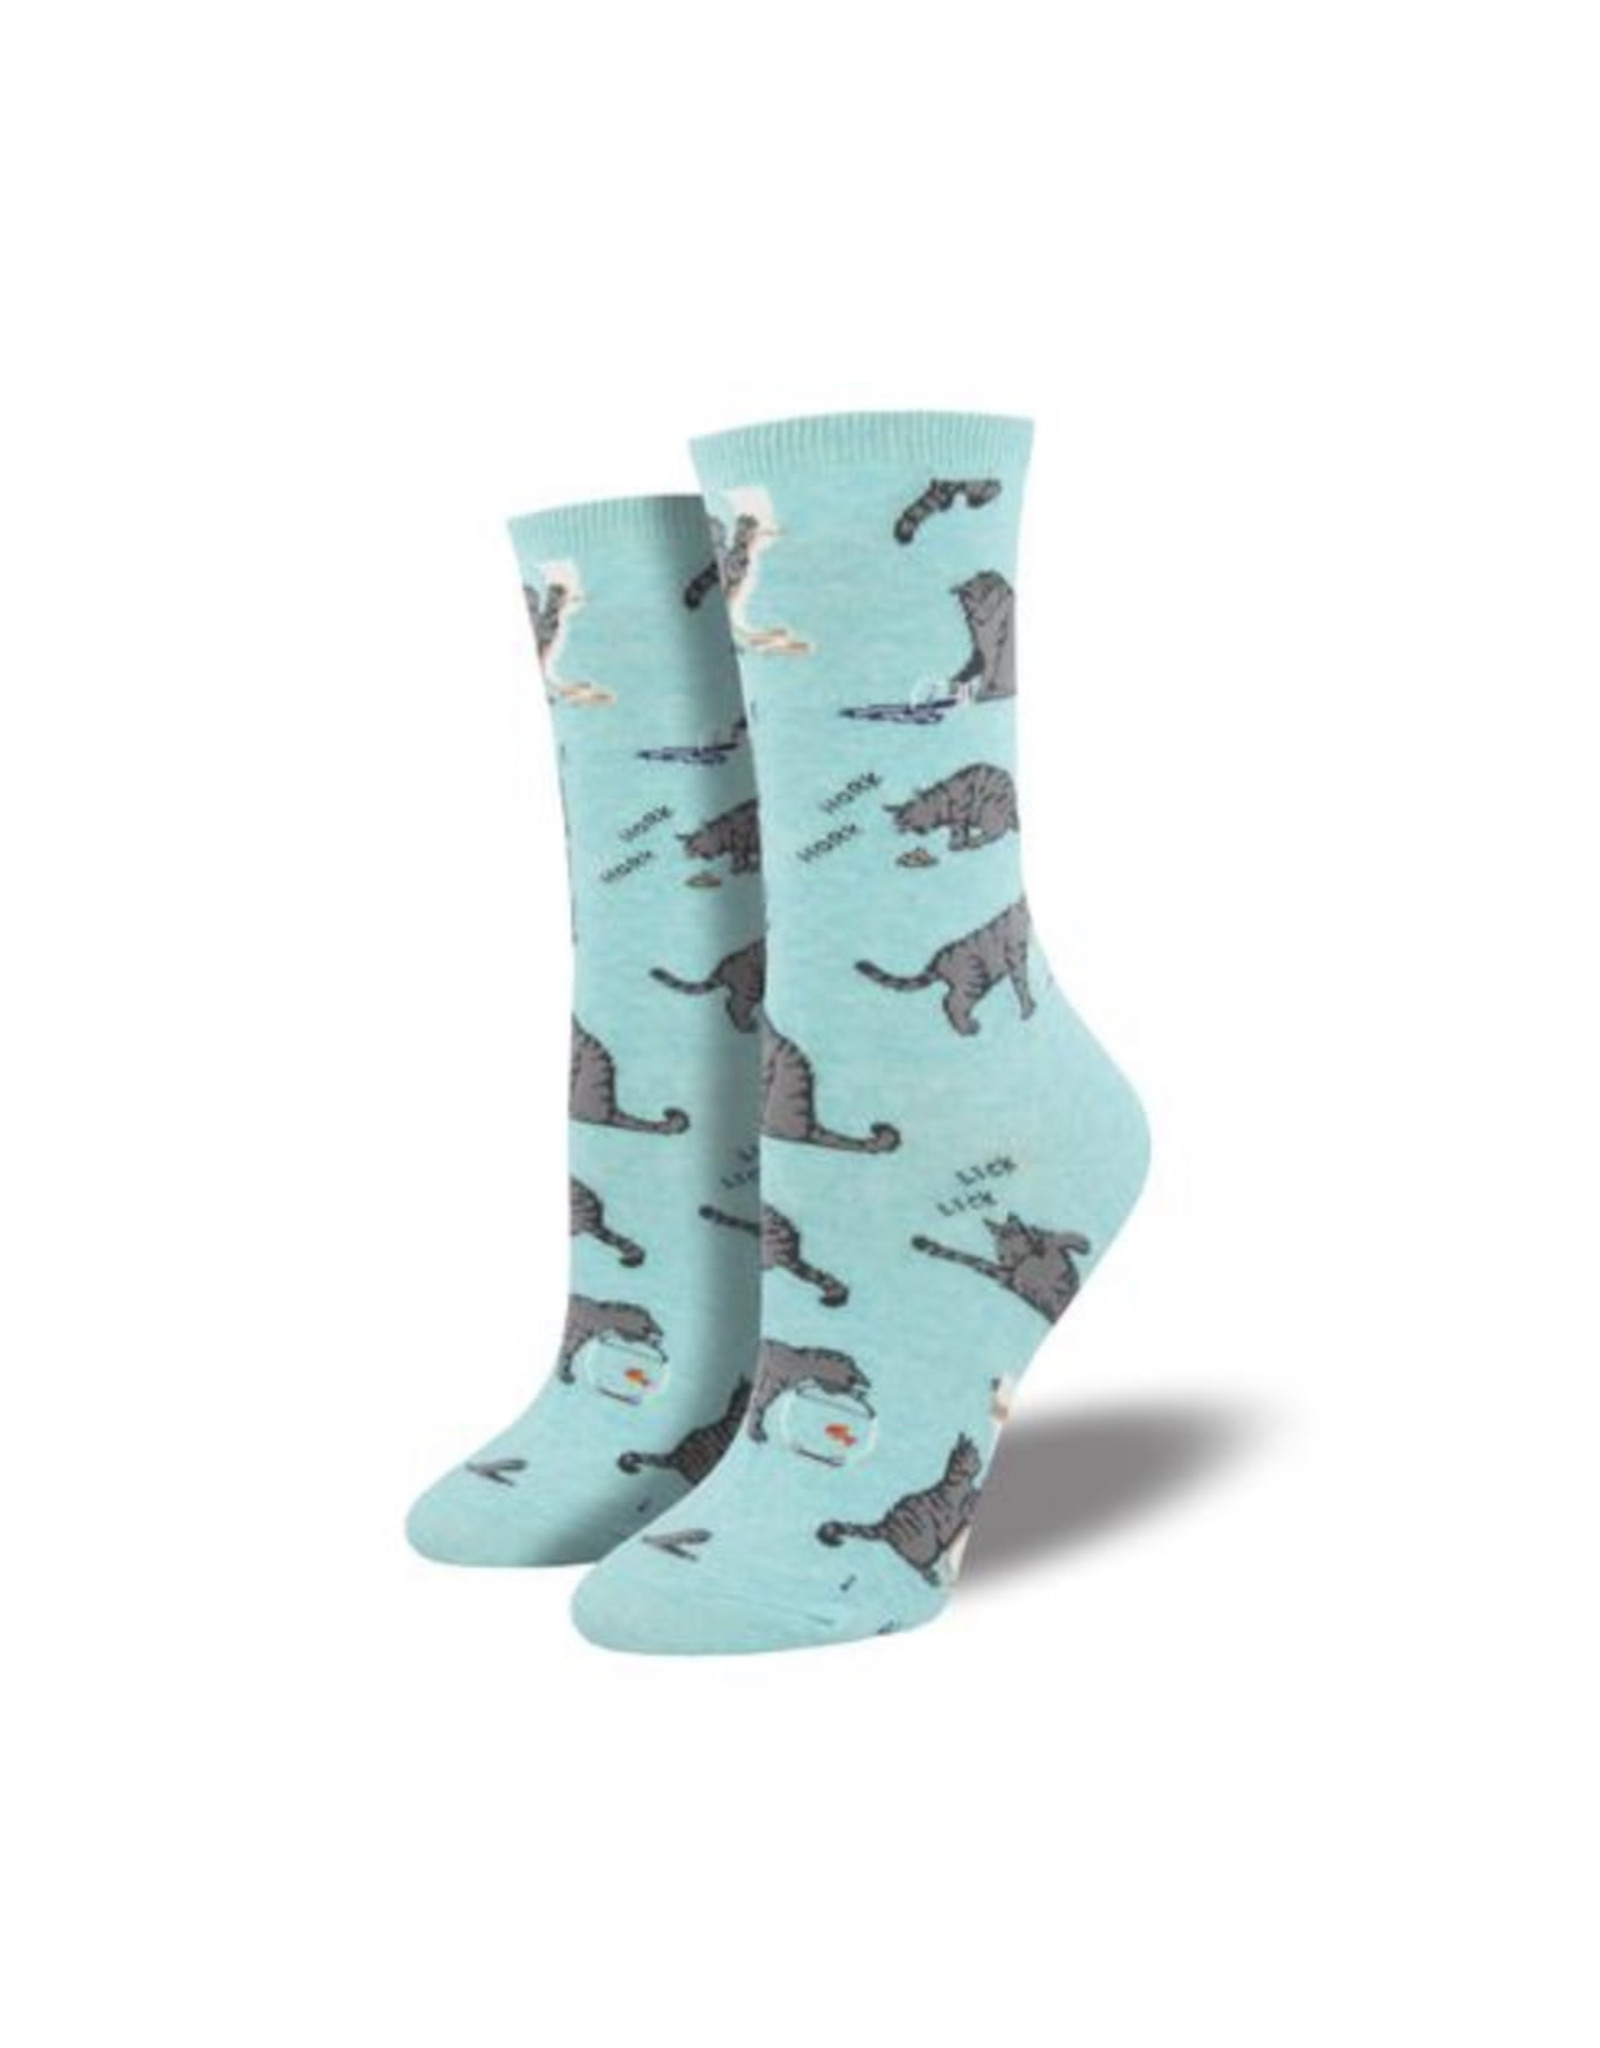 Socks (Womens) - Cativities